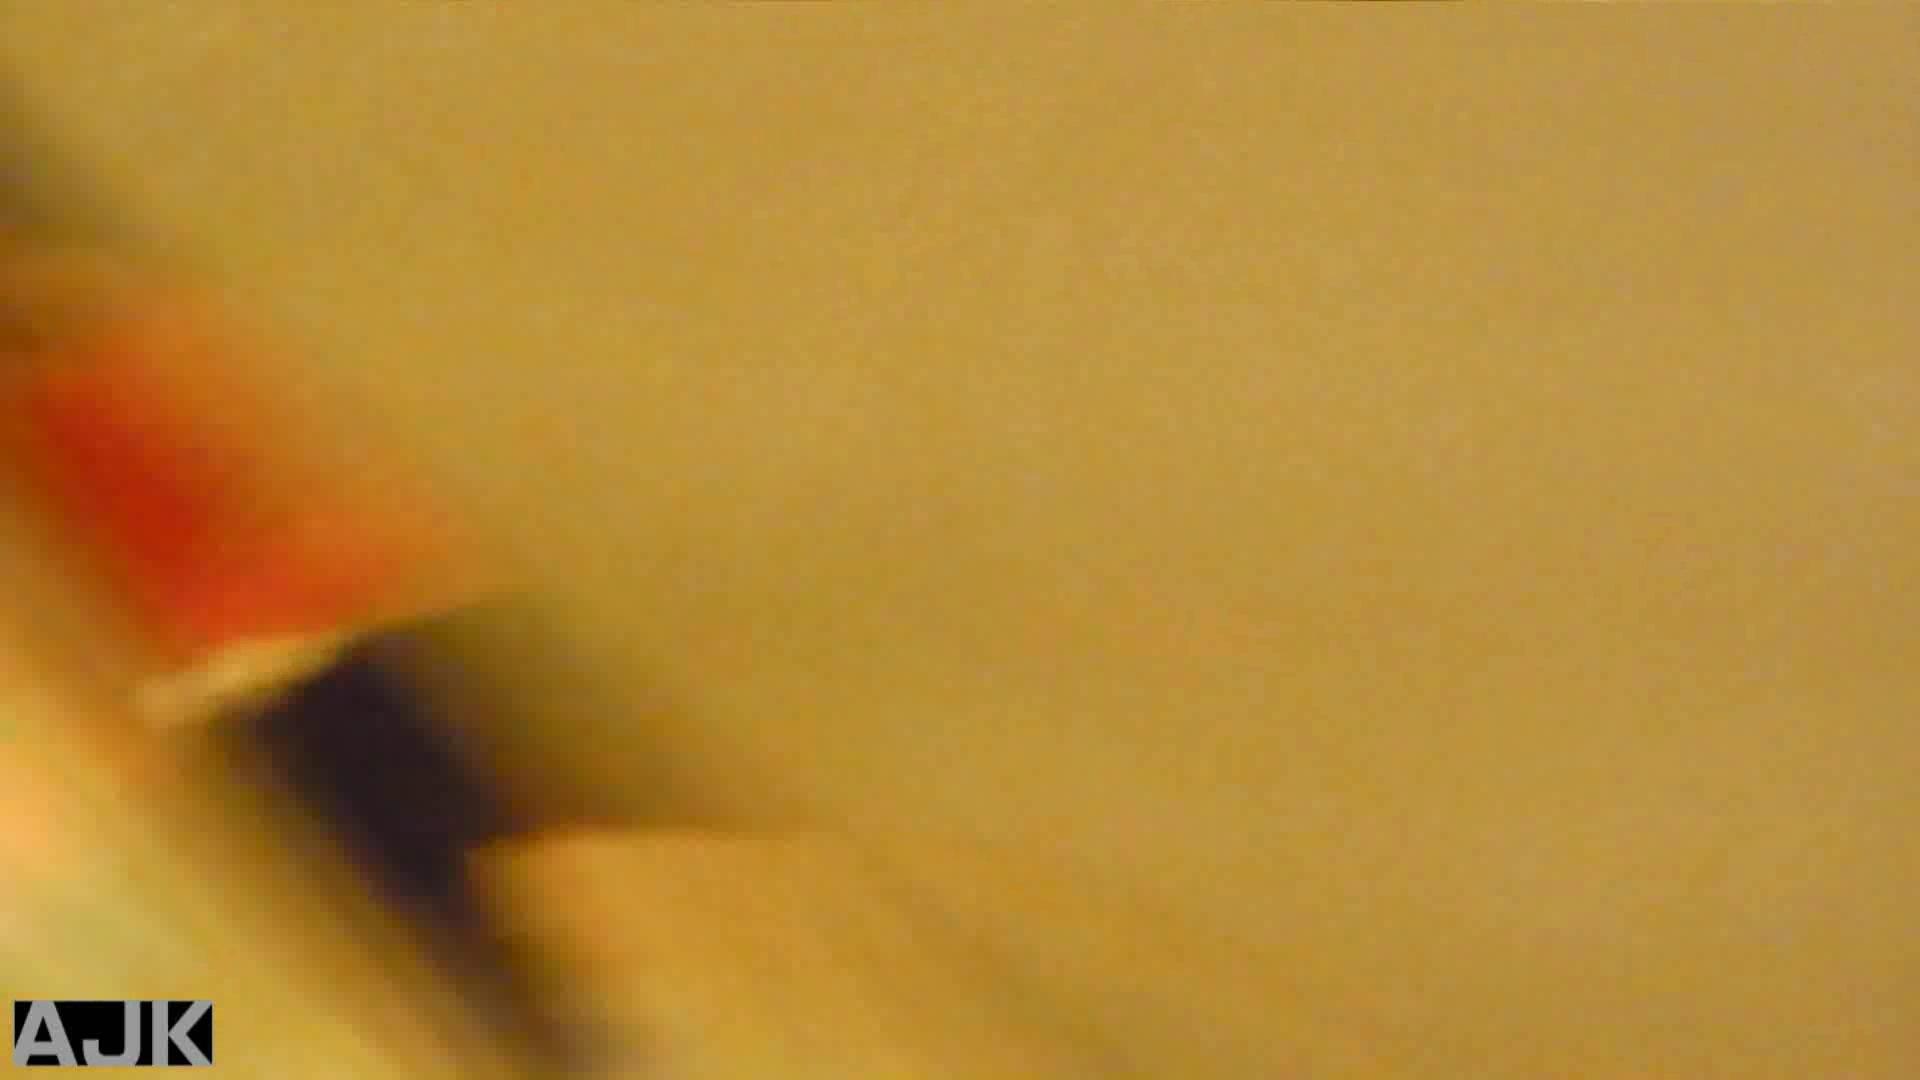 神降臨!史上最強の潜入かわや! vol.27 マンコエロすぎ | 美女まとめ  89PIX 1